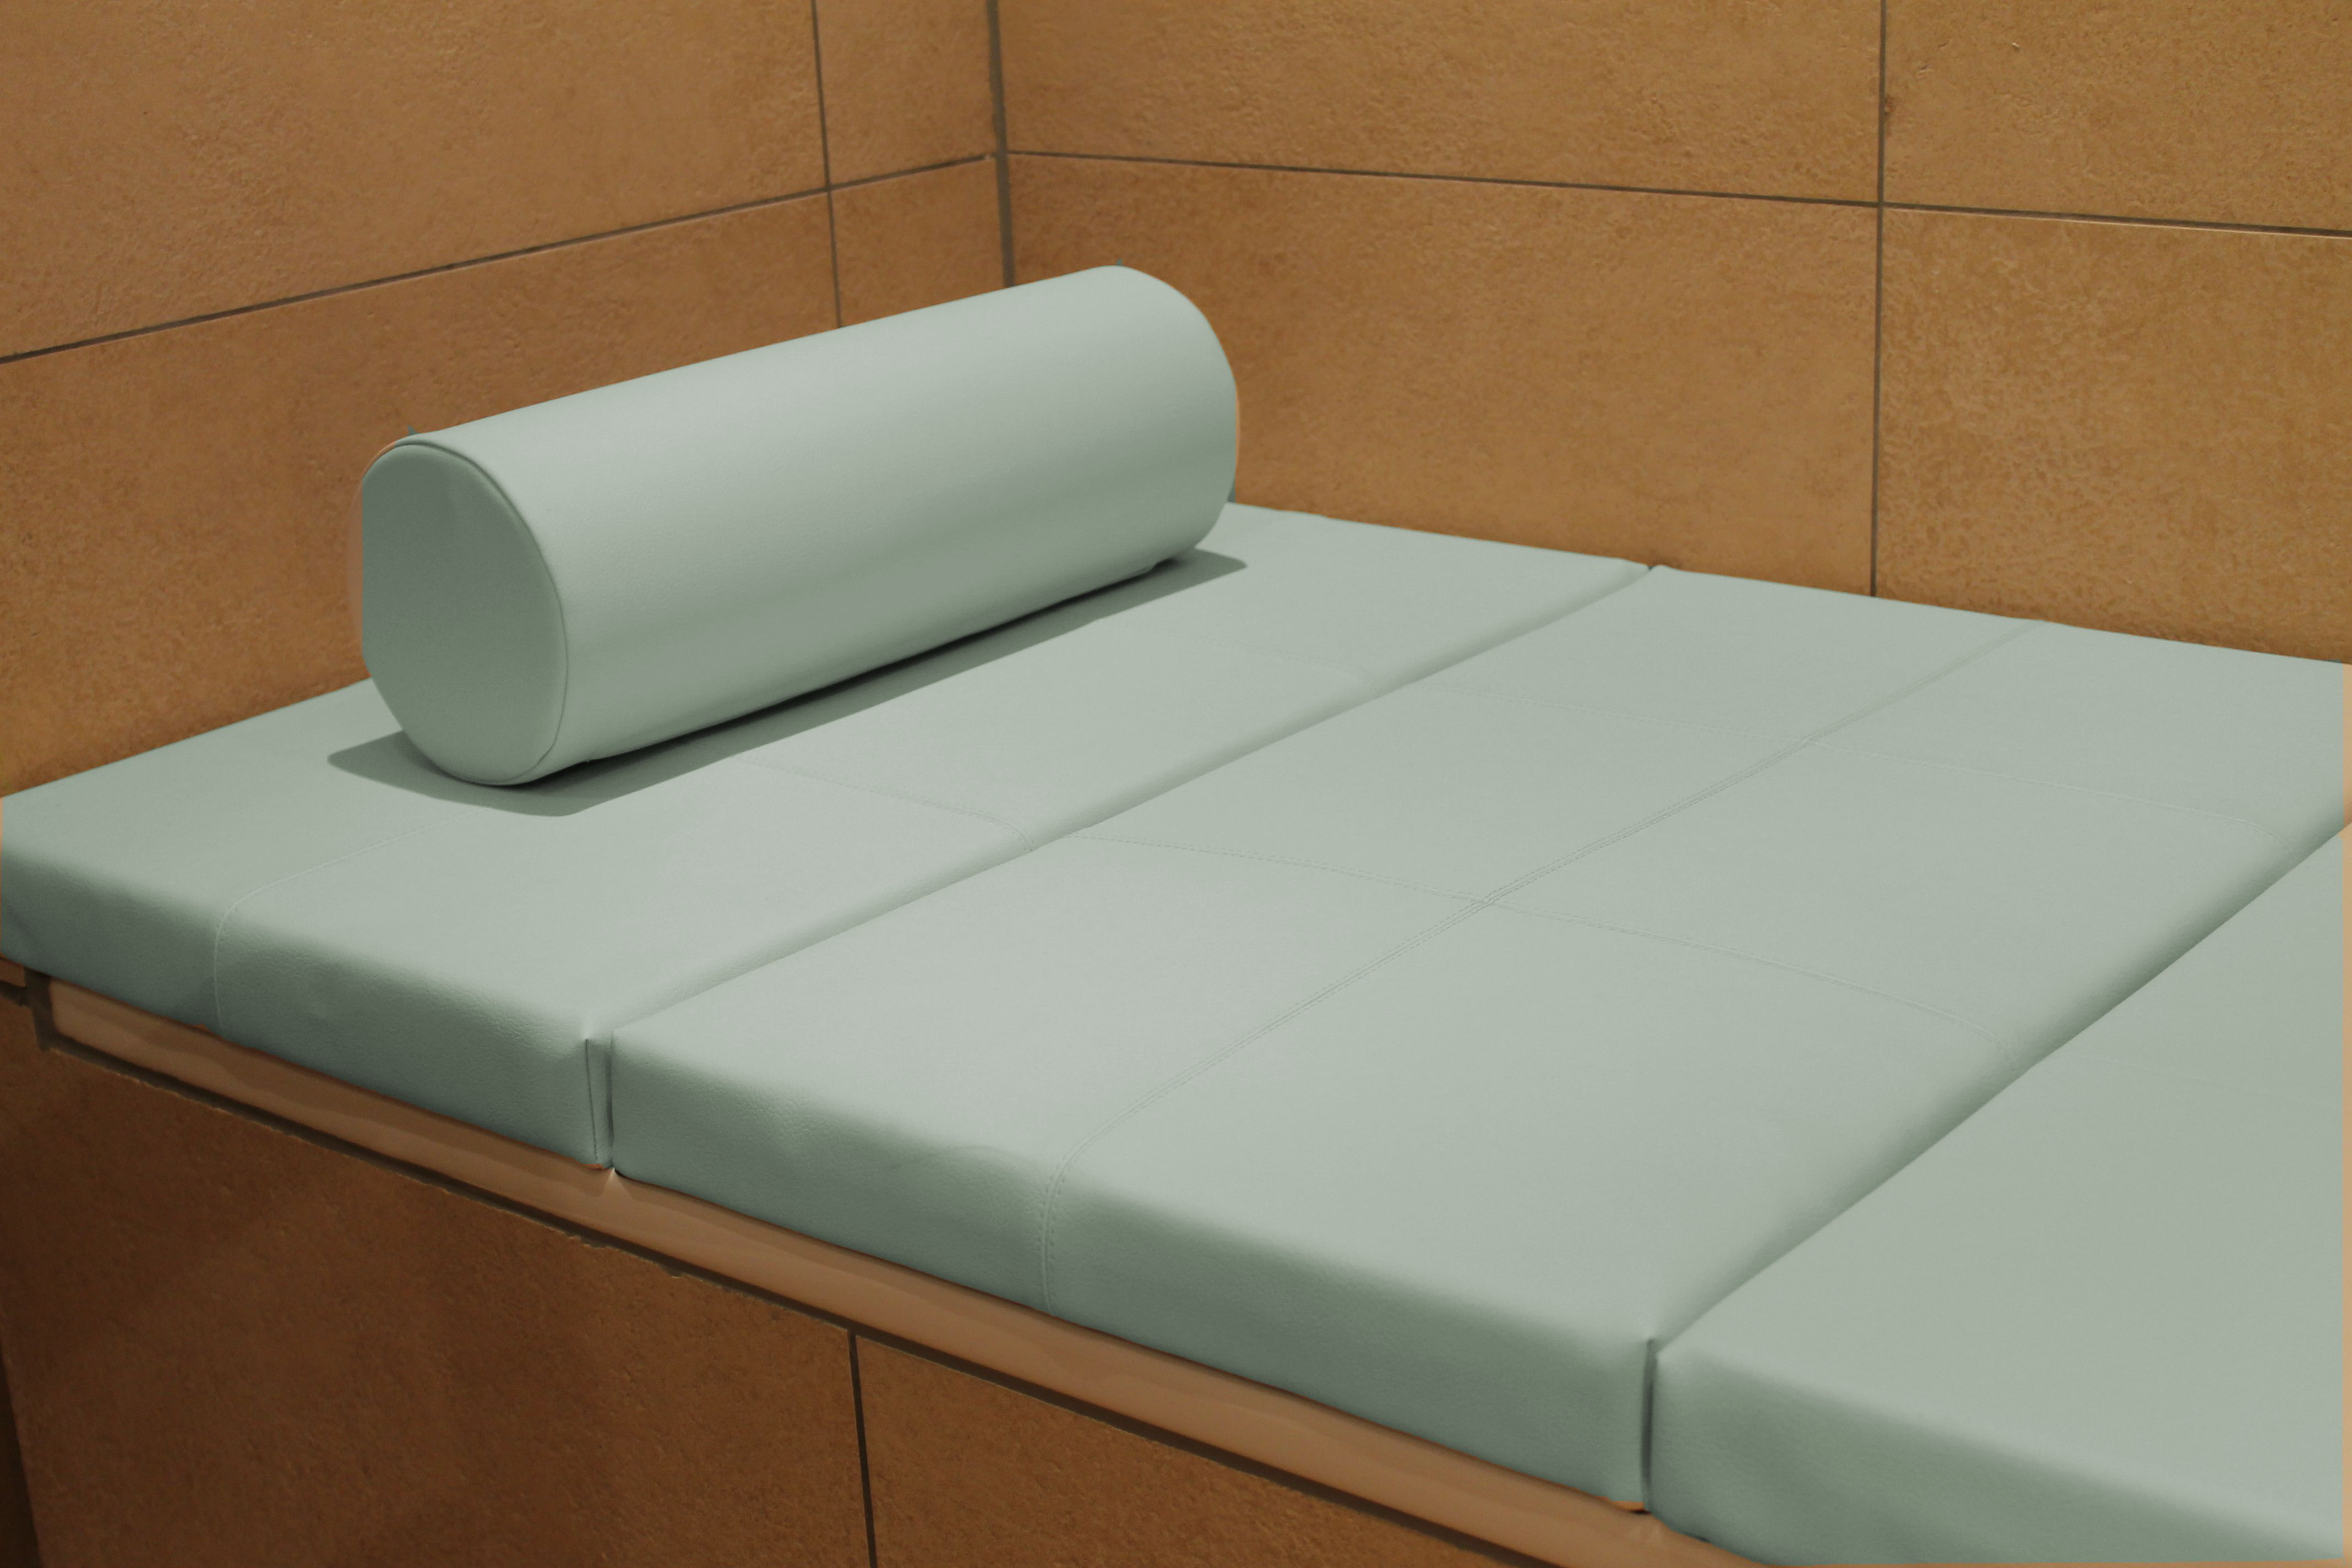 Badewannenabdeckung Selber Machen wannenabdeckung auf maß machen sie mehr aus ihrer badewanne